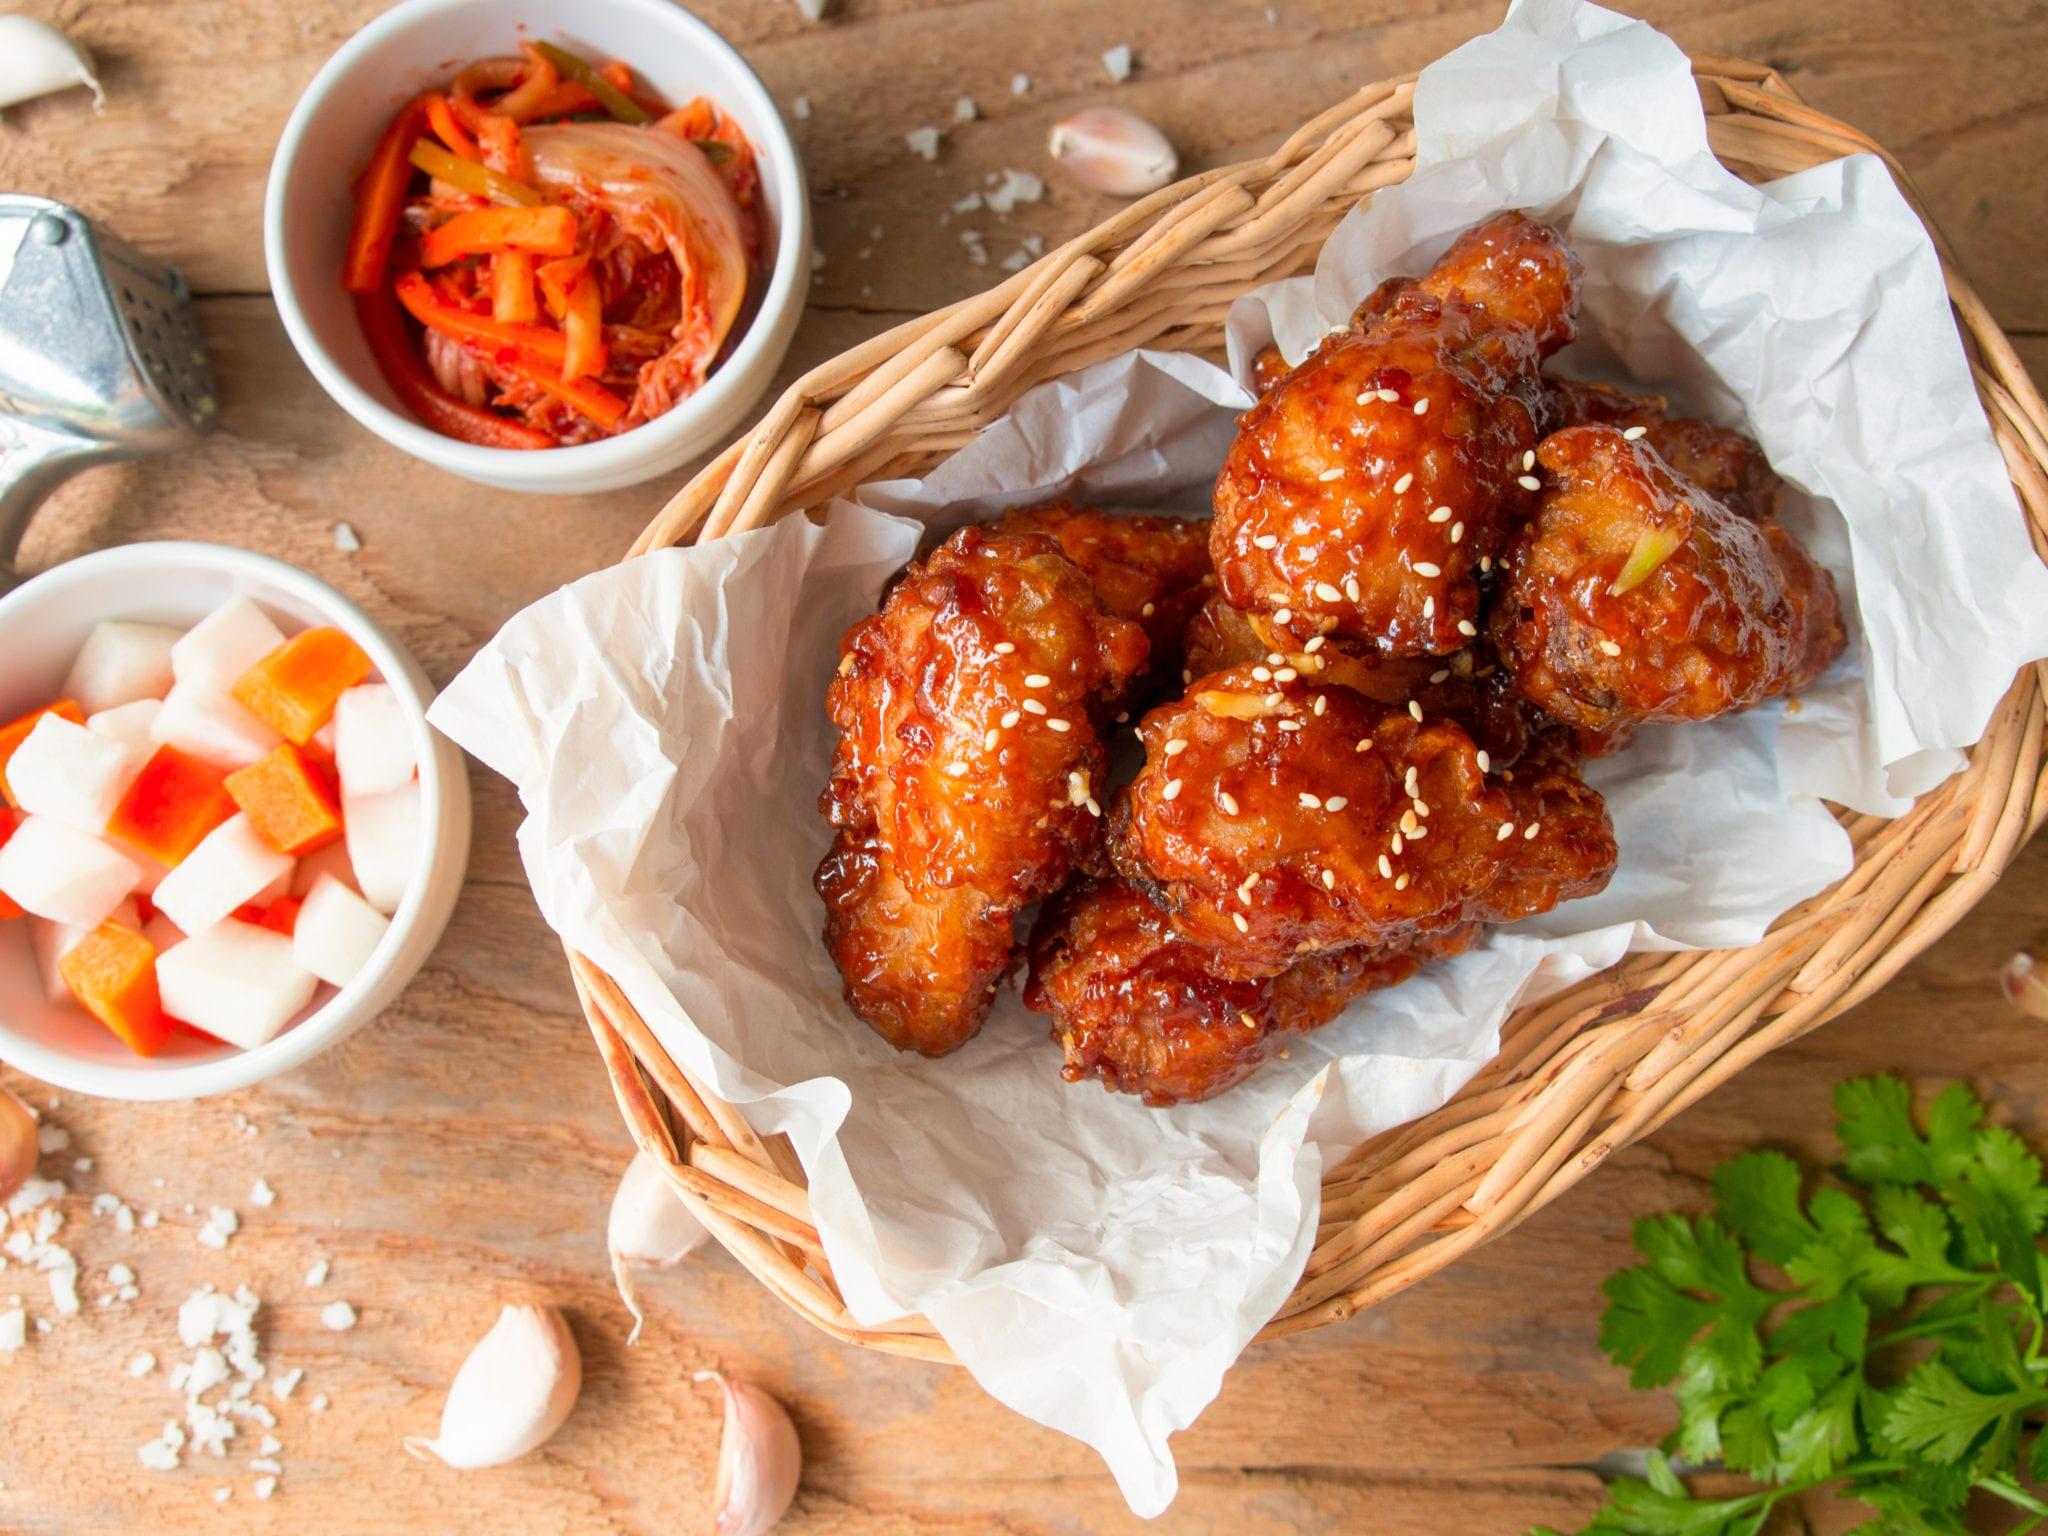 ไก่ทอด ไก่ทอดเกาหลี ร้านไก่ทอด ไก่เกาหลี - เรื่องกิน เรื่องเที่ยว ช้อปปิ้ง  ไลฟ์สไตล์